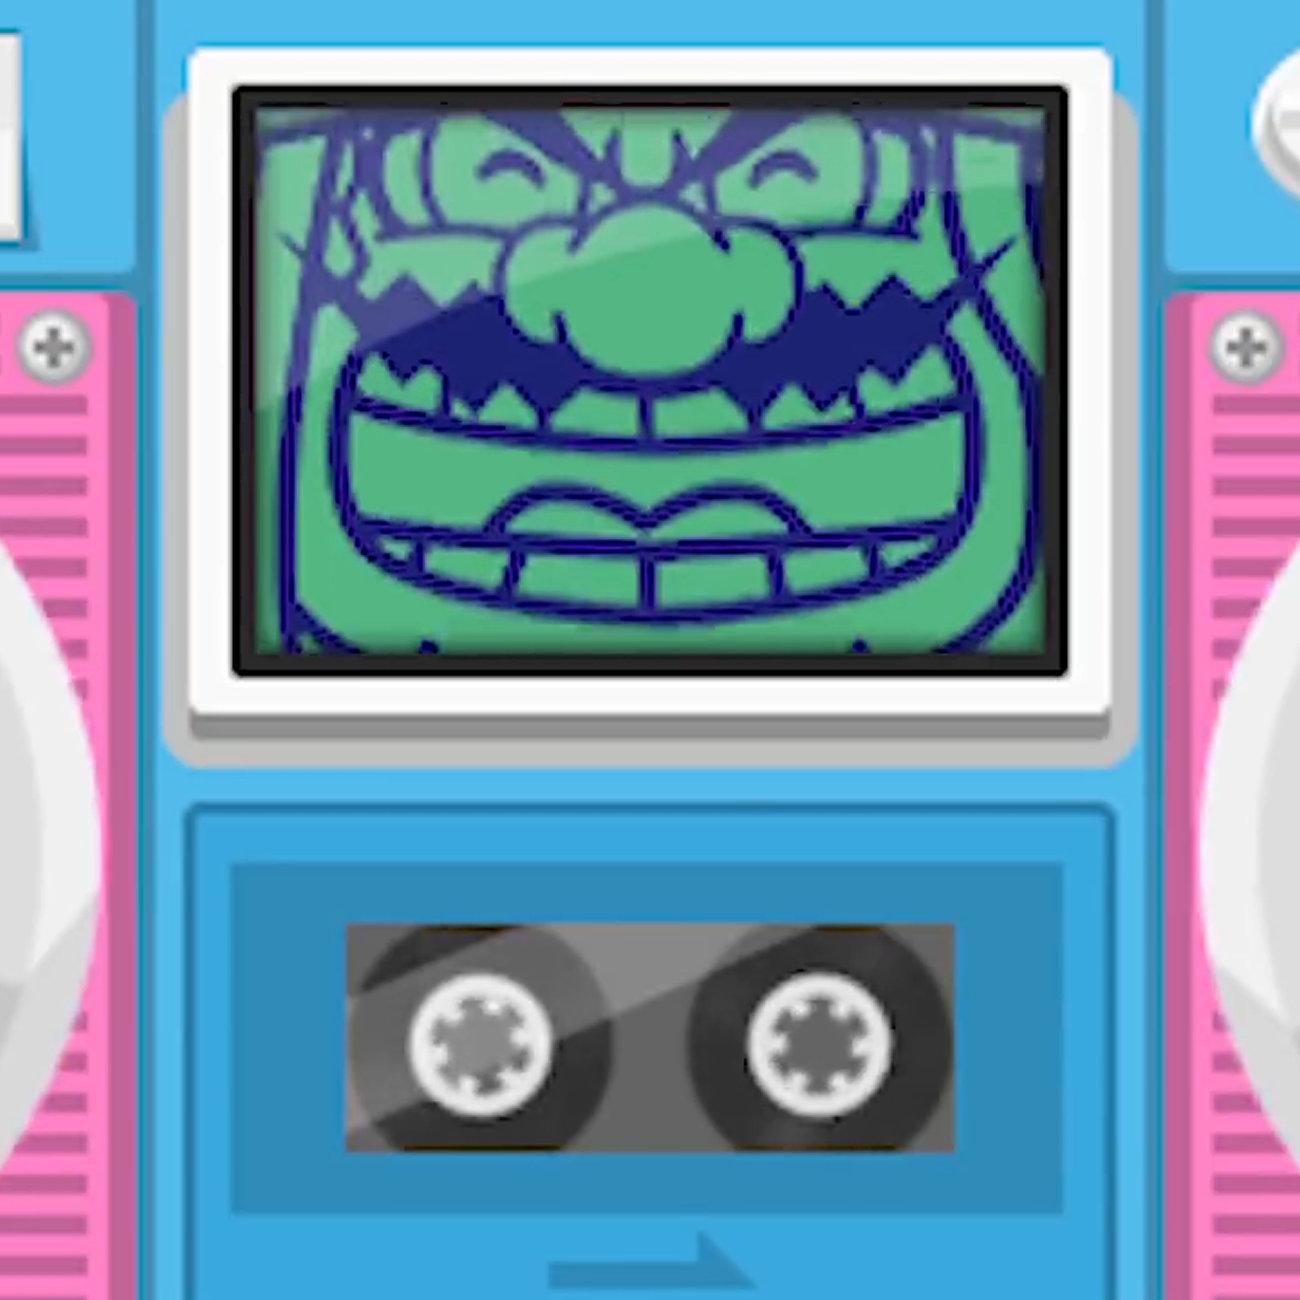 ニンテンドー3DS、メイドインワリオは自分の声